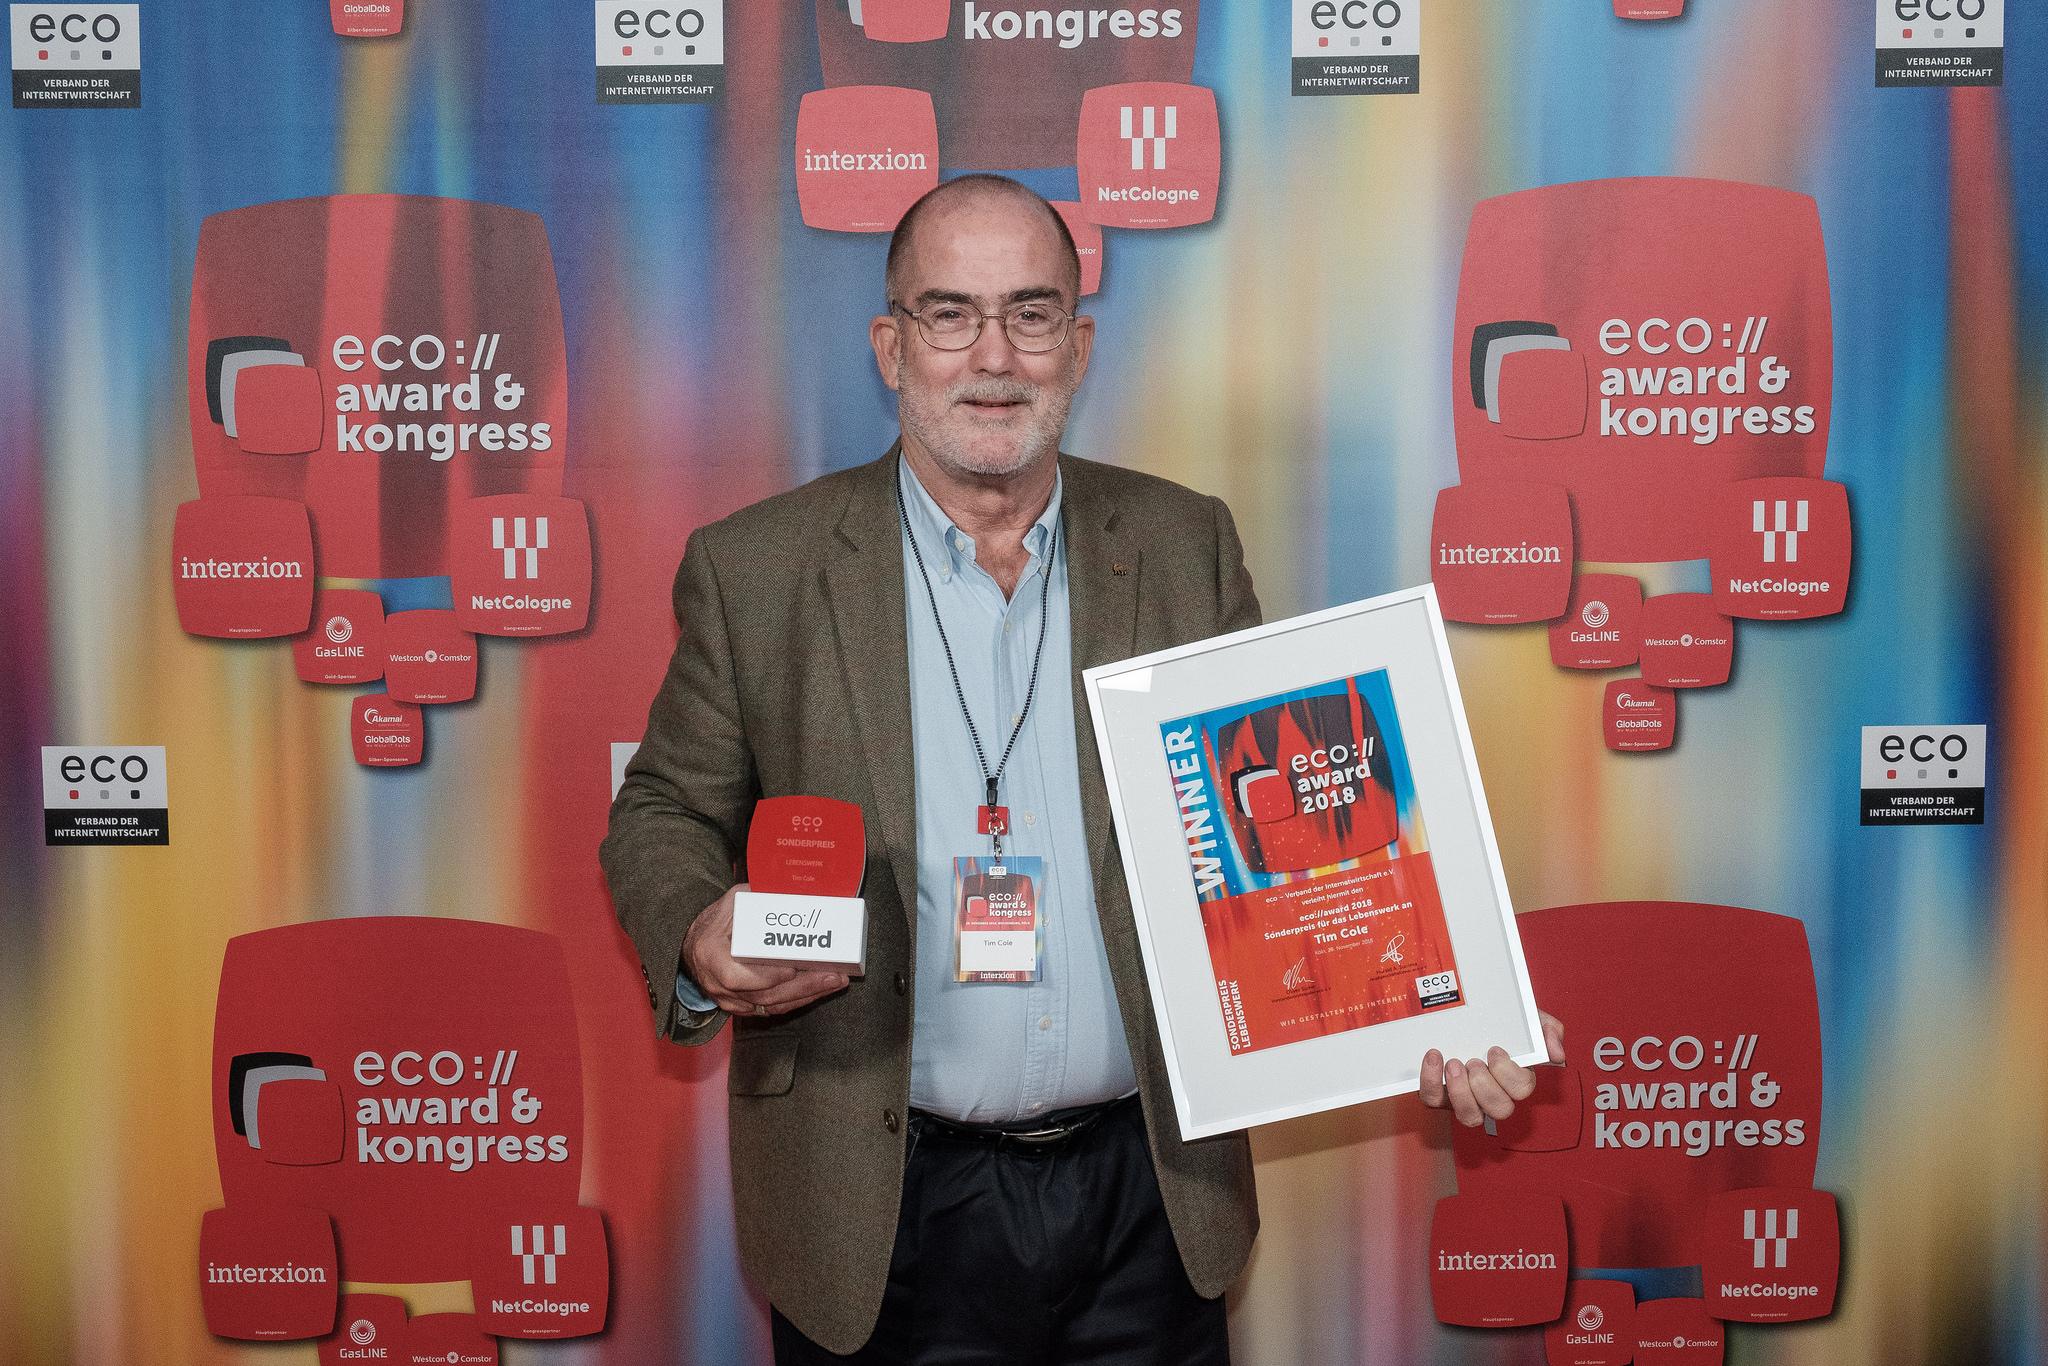 eco://kongress & eco:awards: Gemeinsam die digitale Zukunft gestalten 35